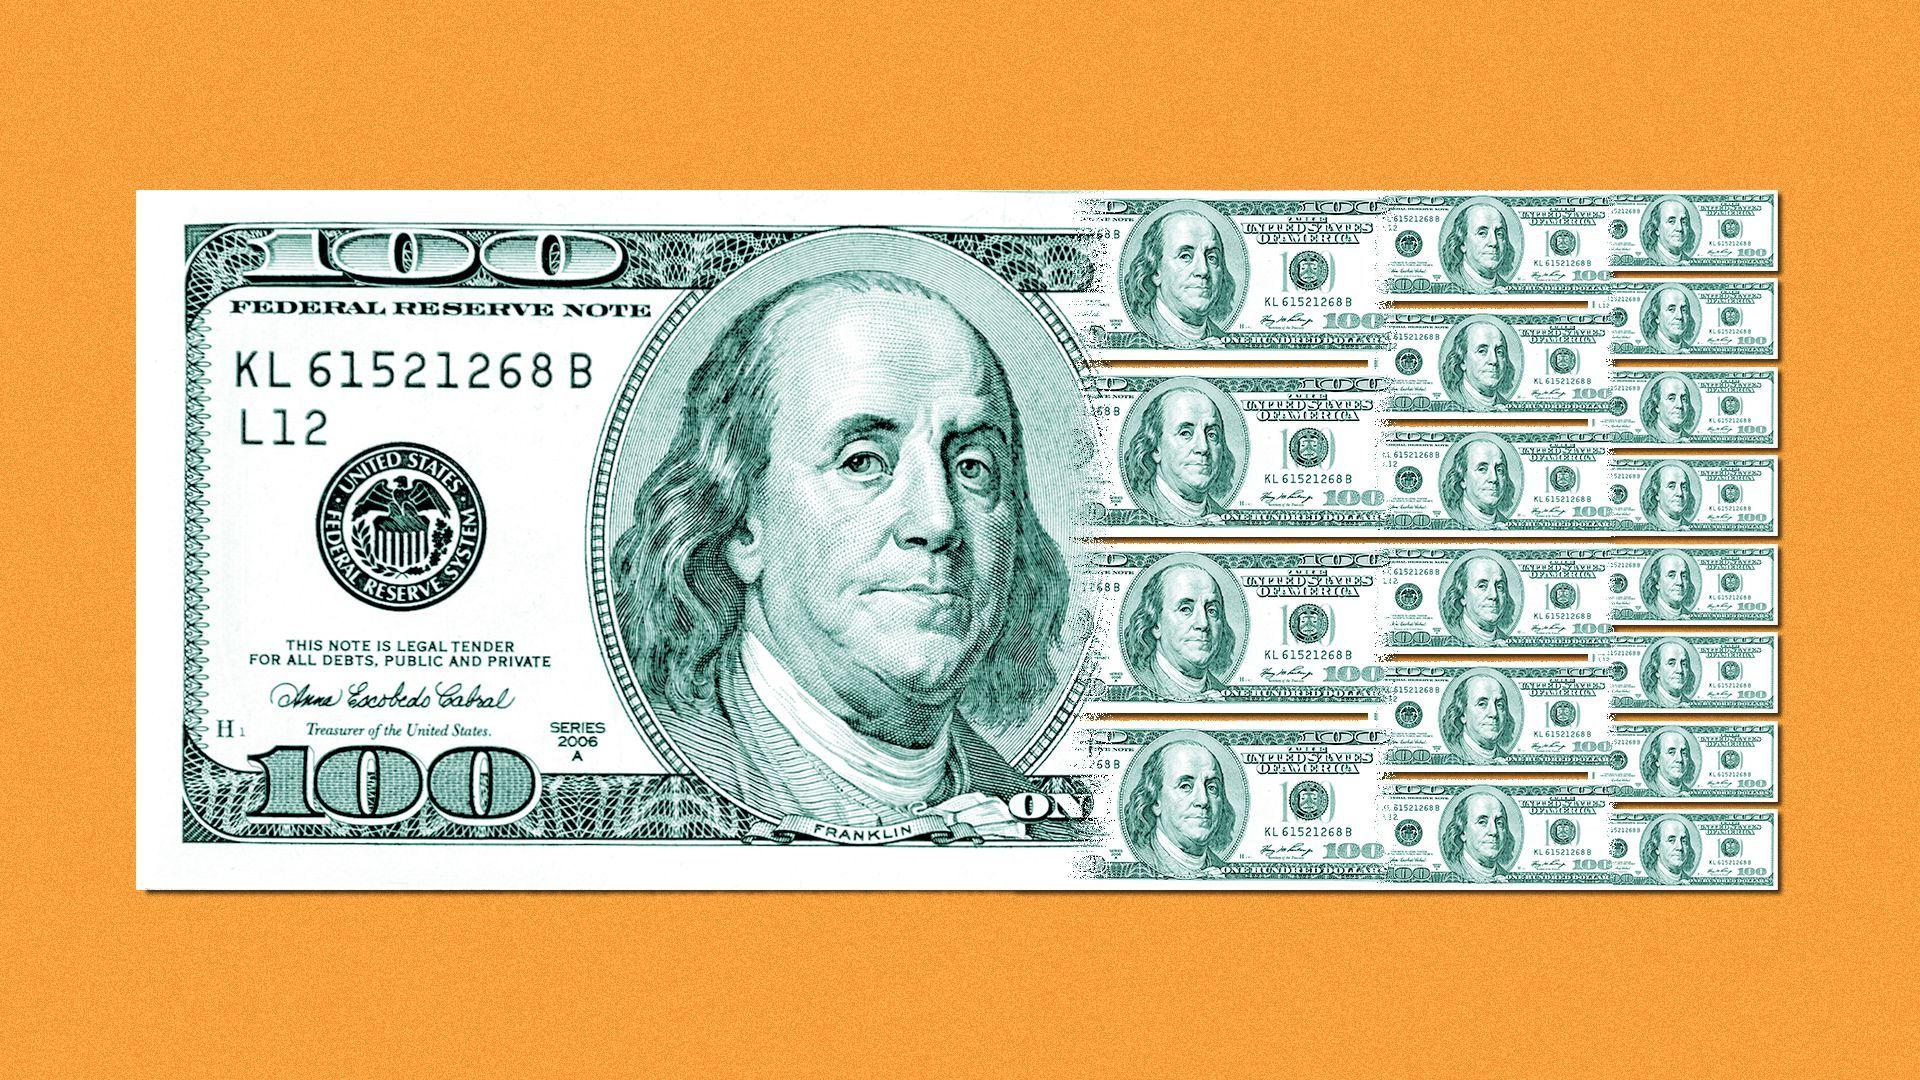 Illustration of a hundred-dollar bill breaking into smaller hundred-dollar bills.